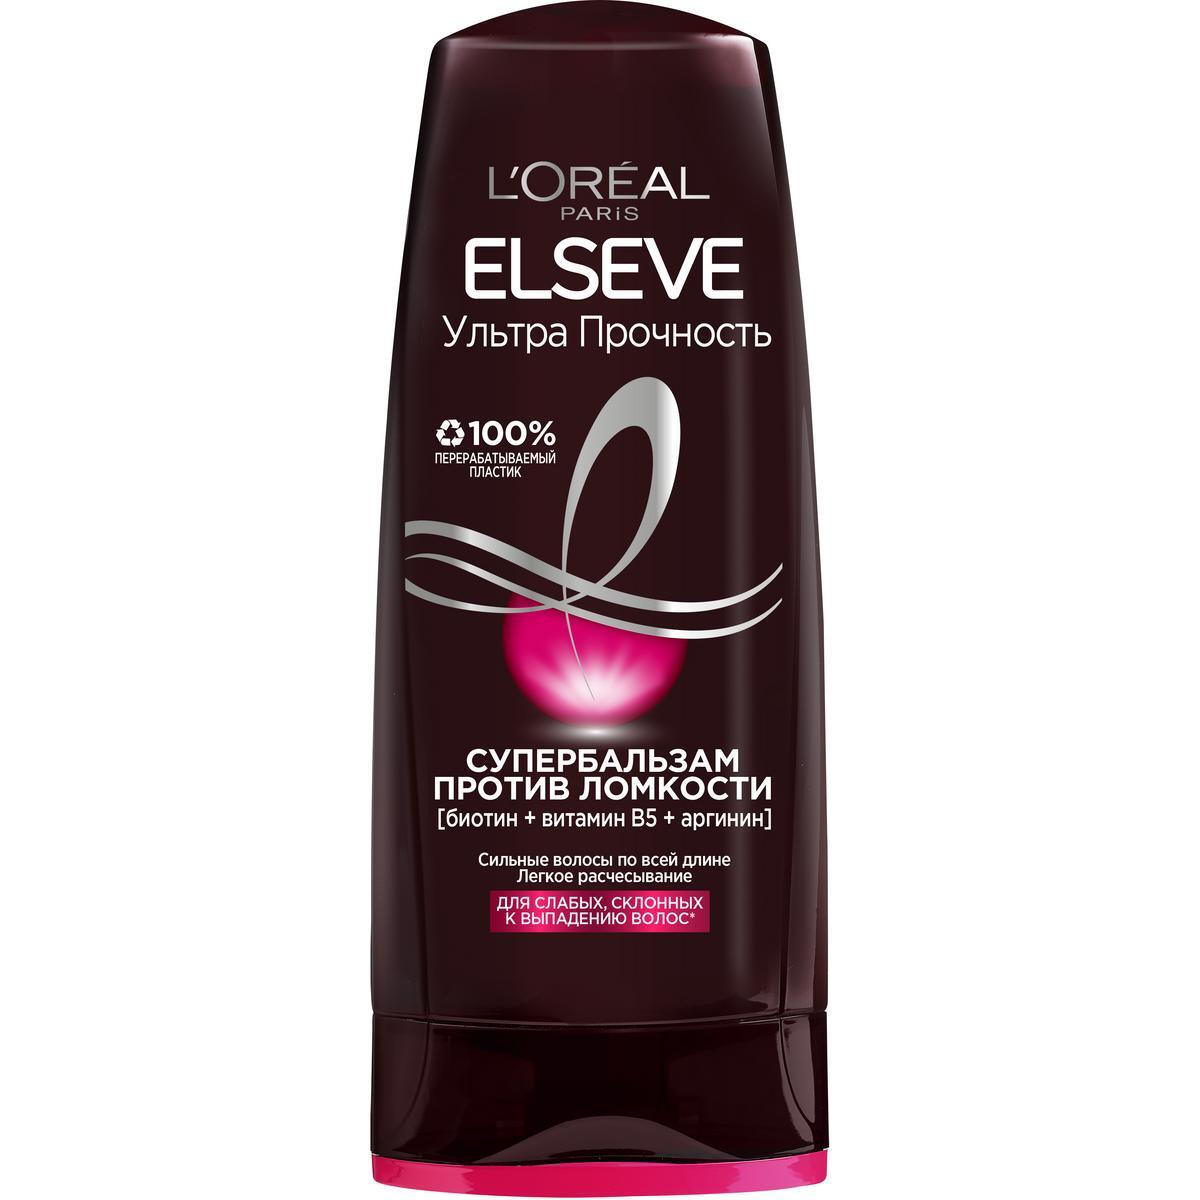 L'Oreal Paris Elseve Ультра Прочность Супербальзам против ломкости волос, 200 мл  #1